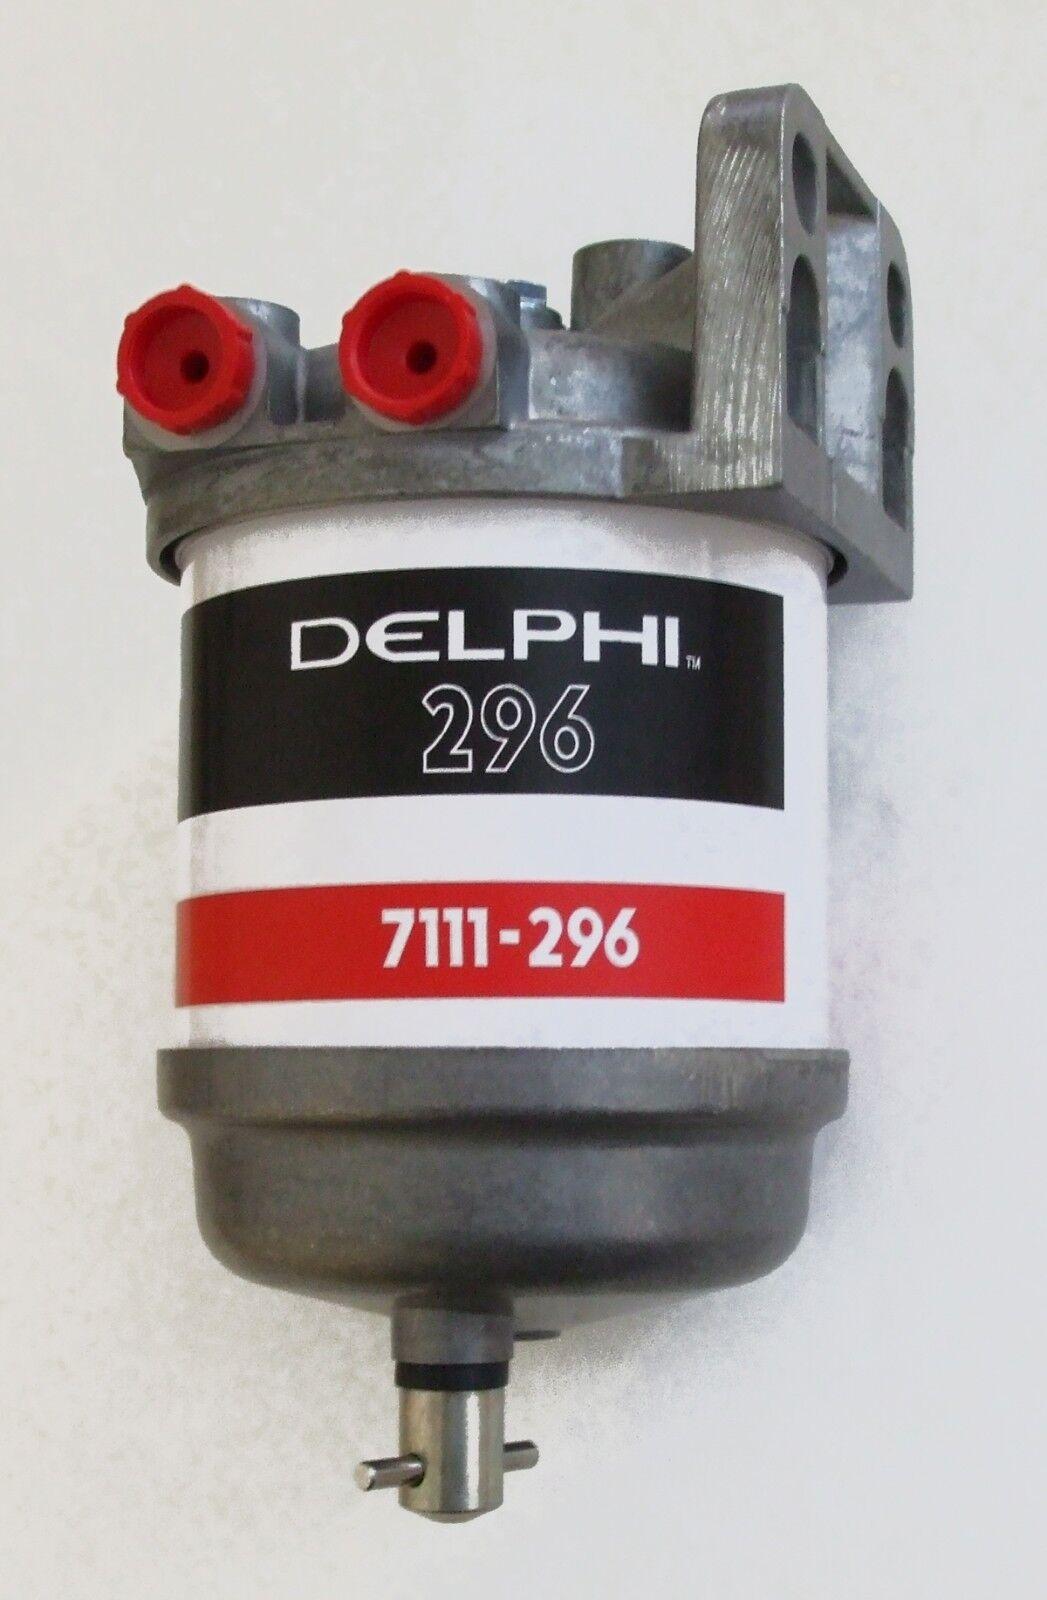 DELPHI Kraftstofffilter, Lucas Lucas Kraftstofffilter, CAV Typ , Schott Montage 2-76939 740ff4